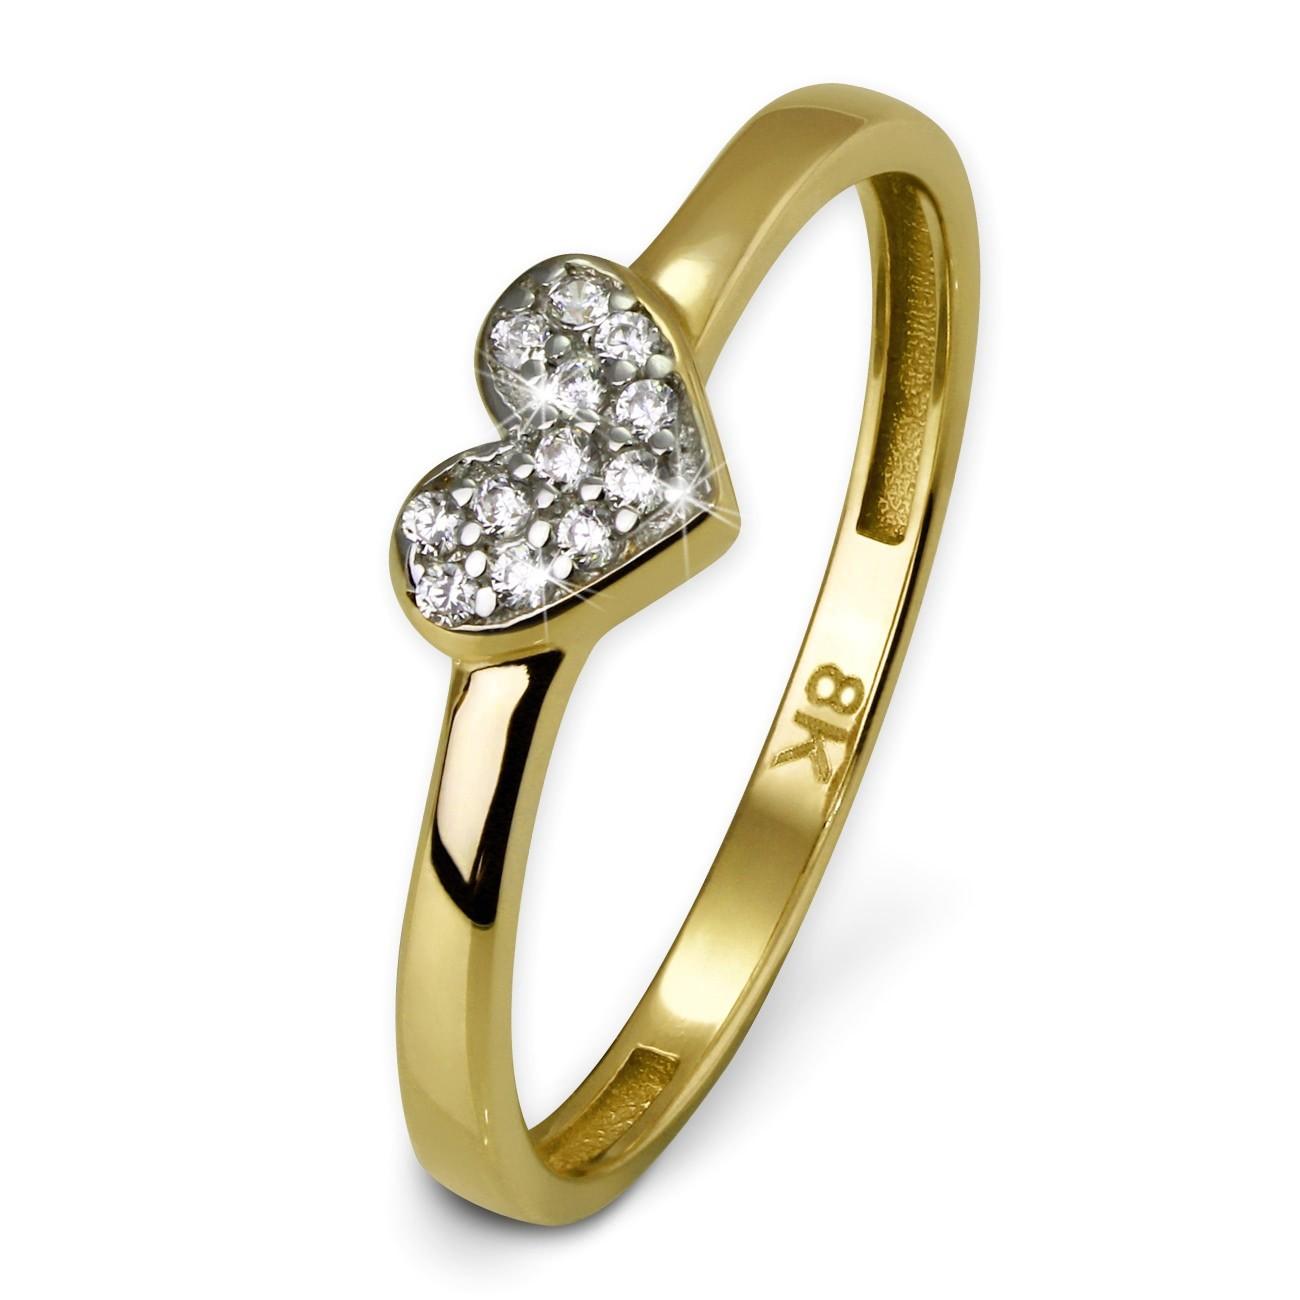 GoldDream Gold Ring Herz Zirkonia weiß Gr.56 333er Gelbgold GDR503Y56